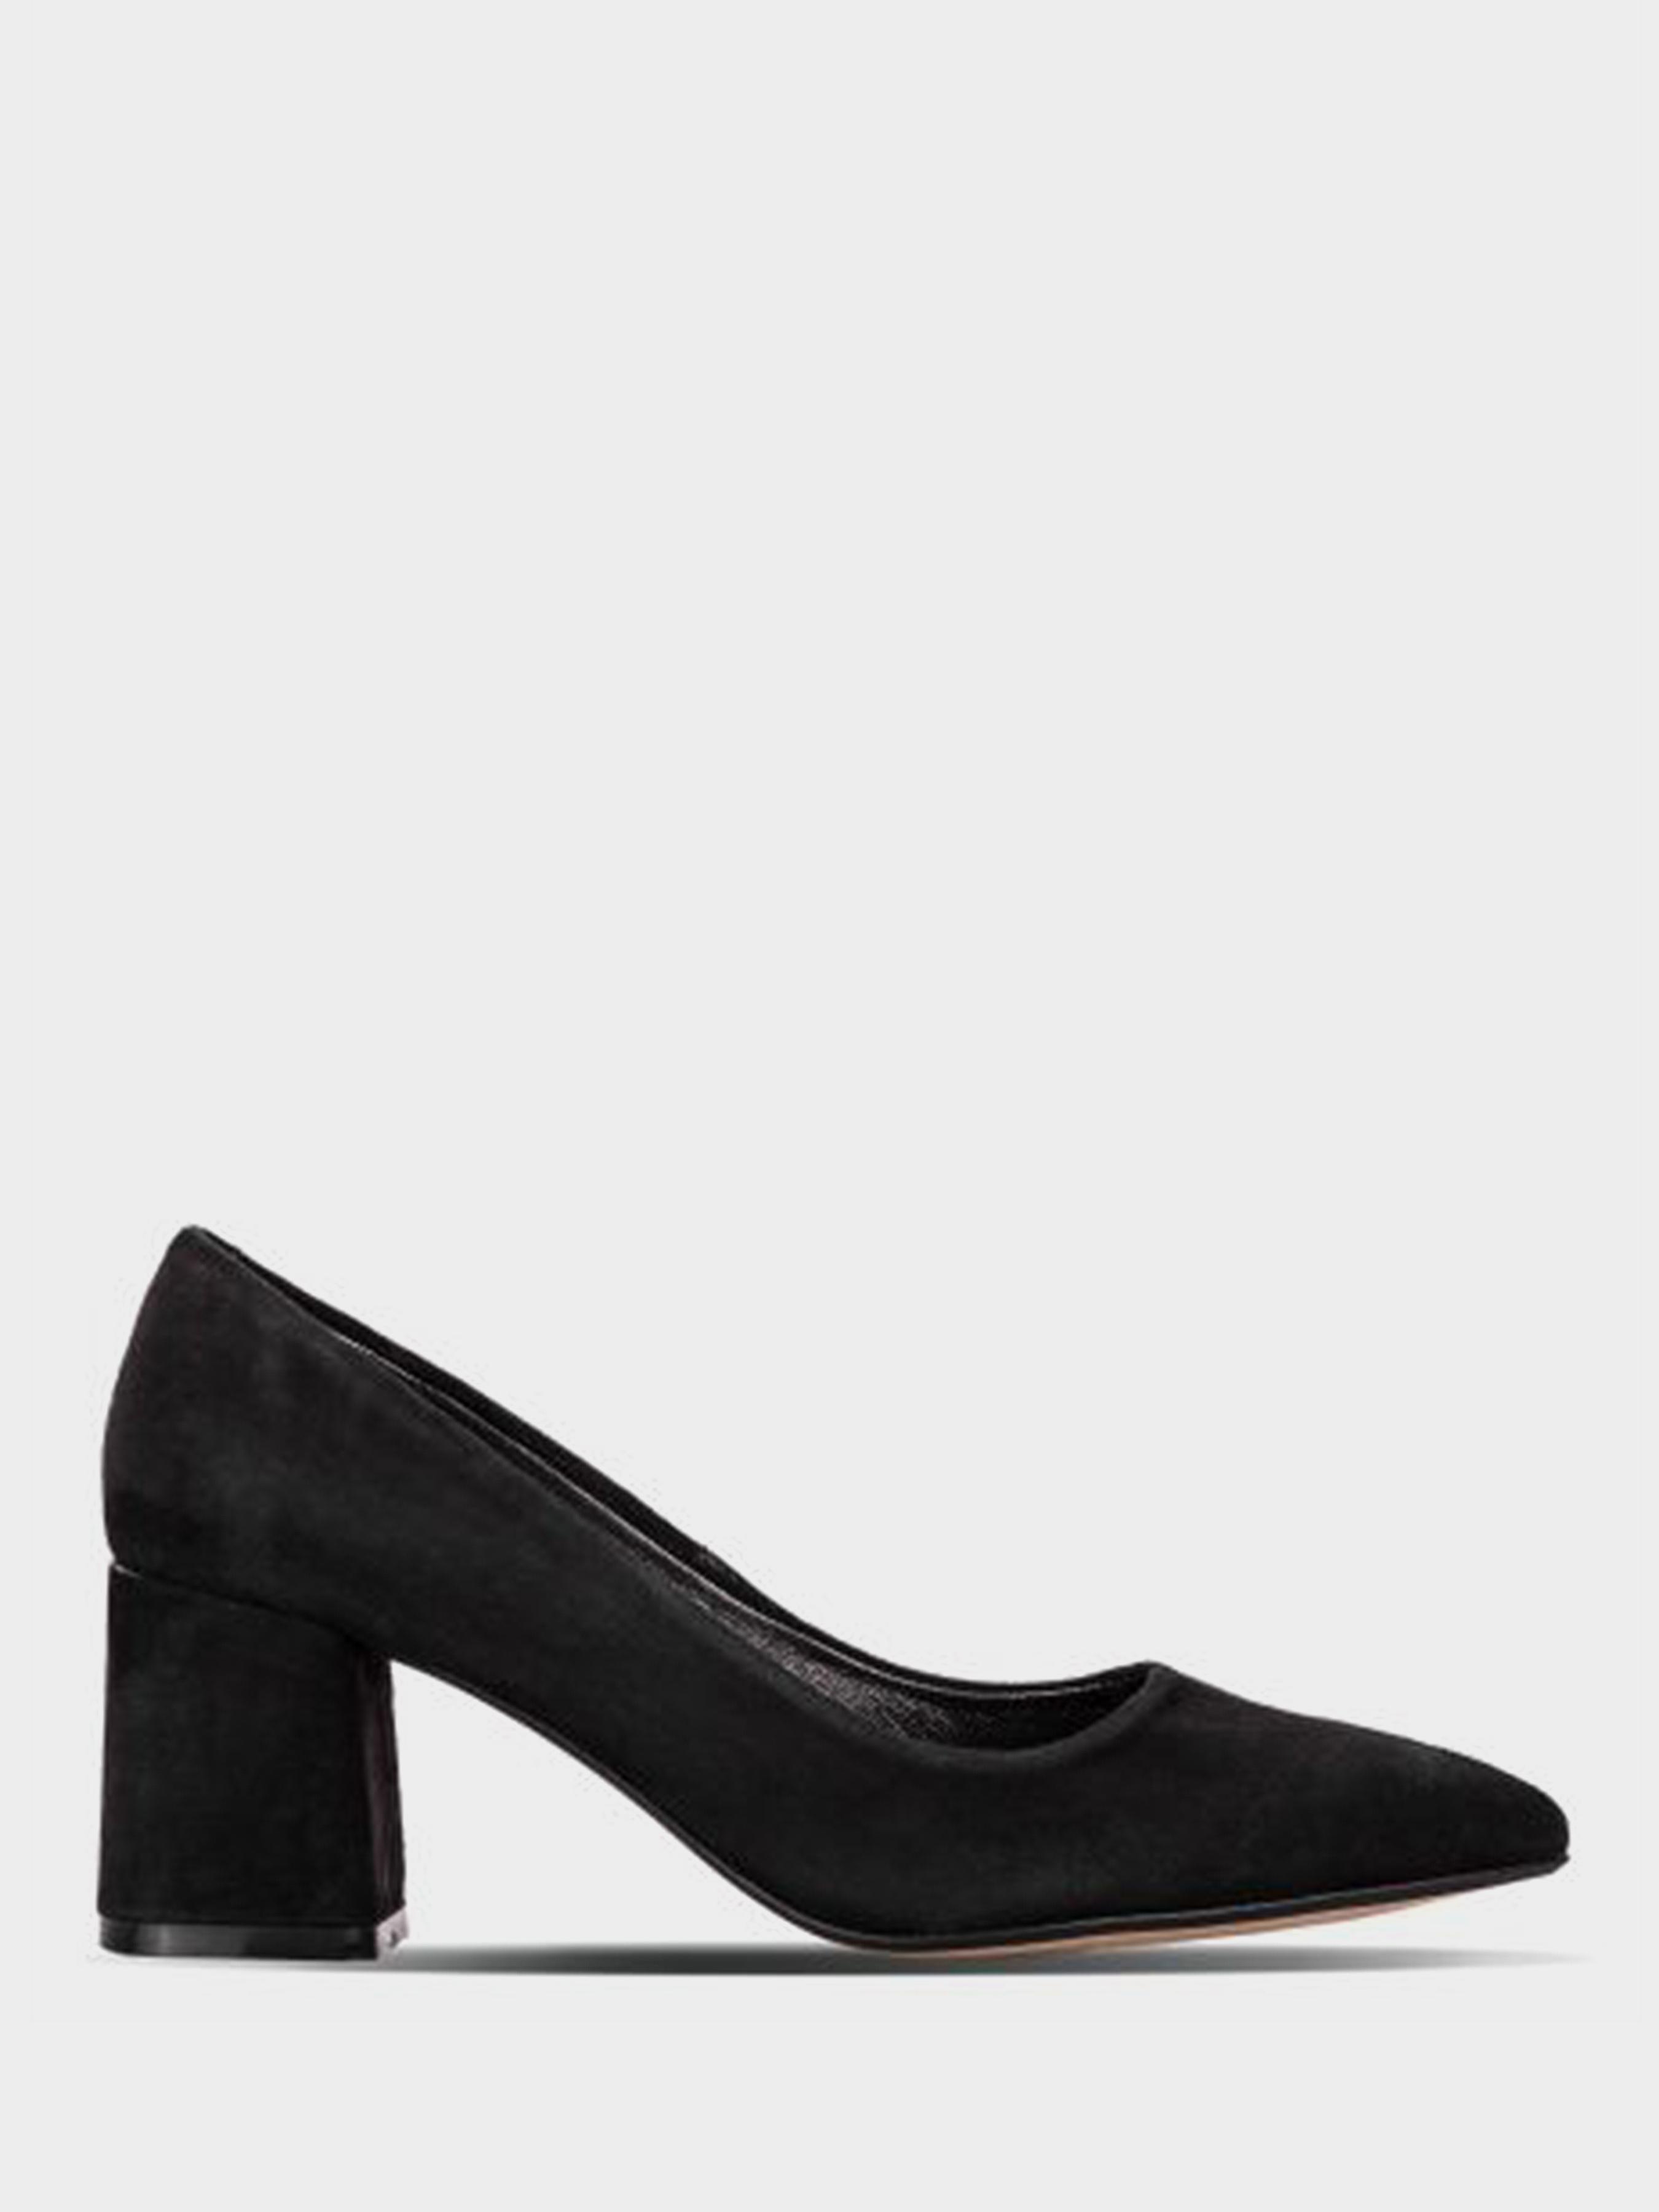 Купить Туфли женские MADIRO 9P60, Черный